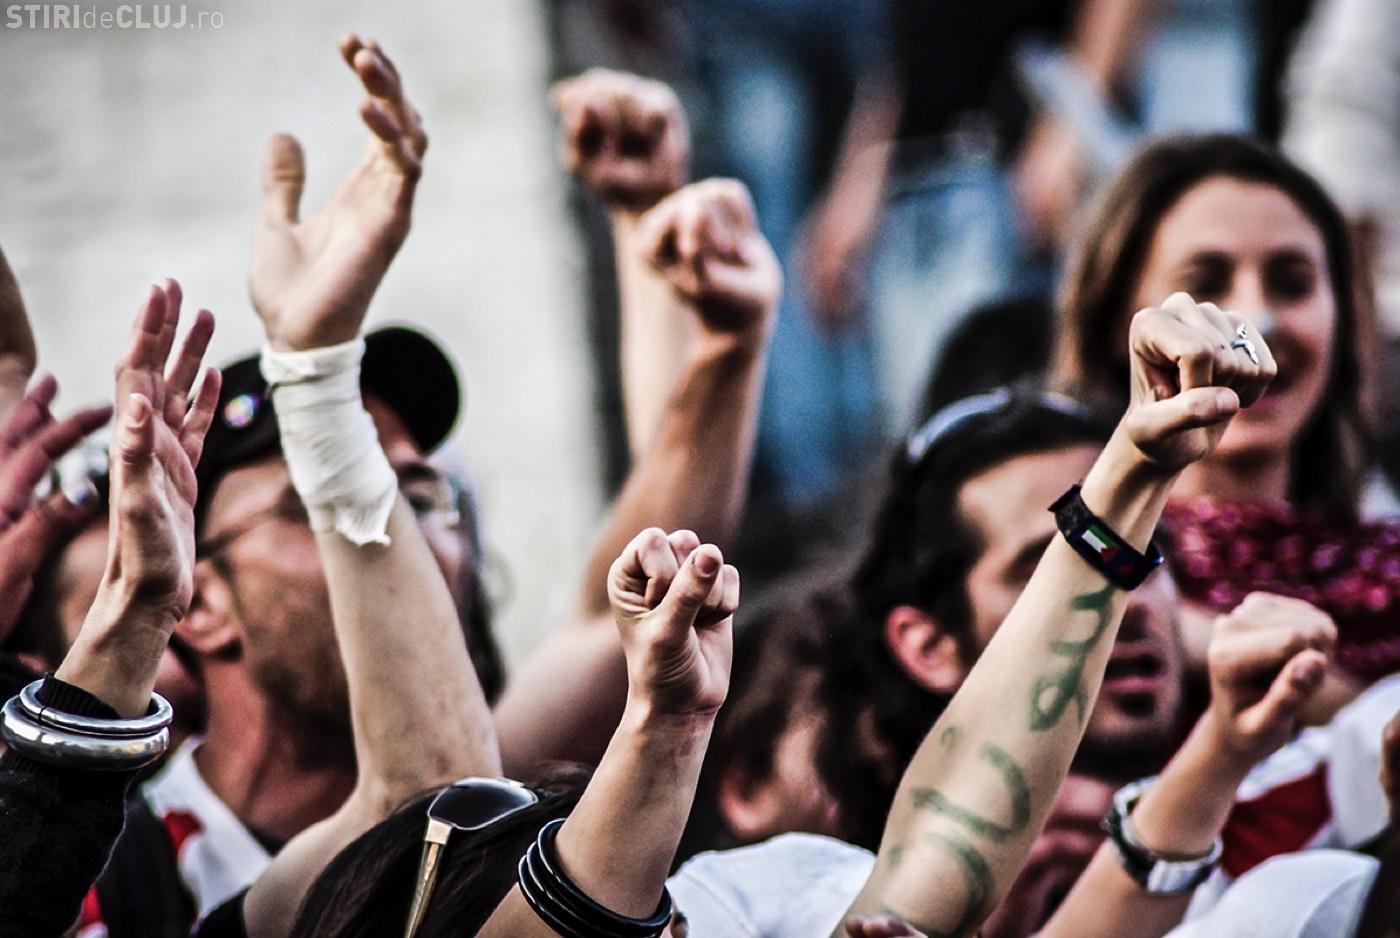 Ce s-a întâmplat duminică seara, la protestele #REZIST de la Cluj-Napoca